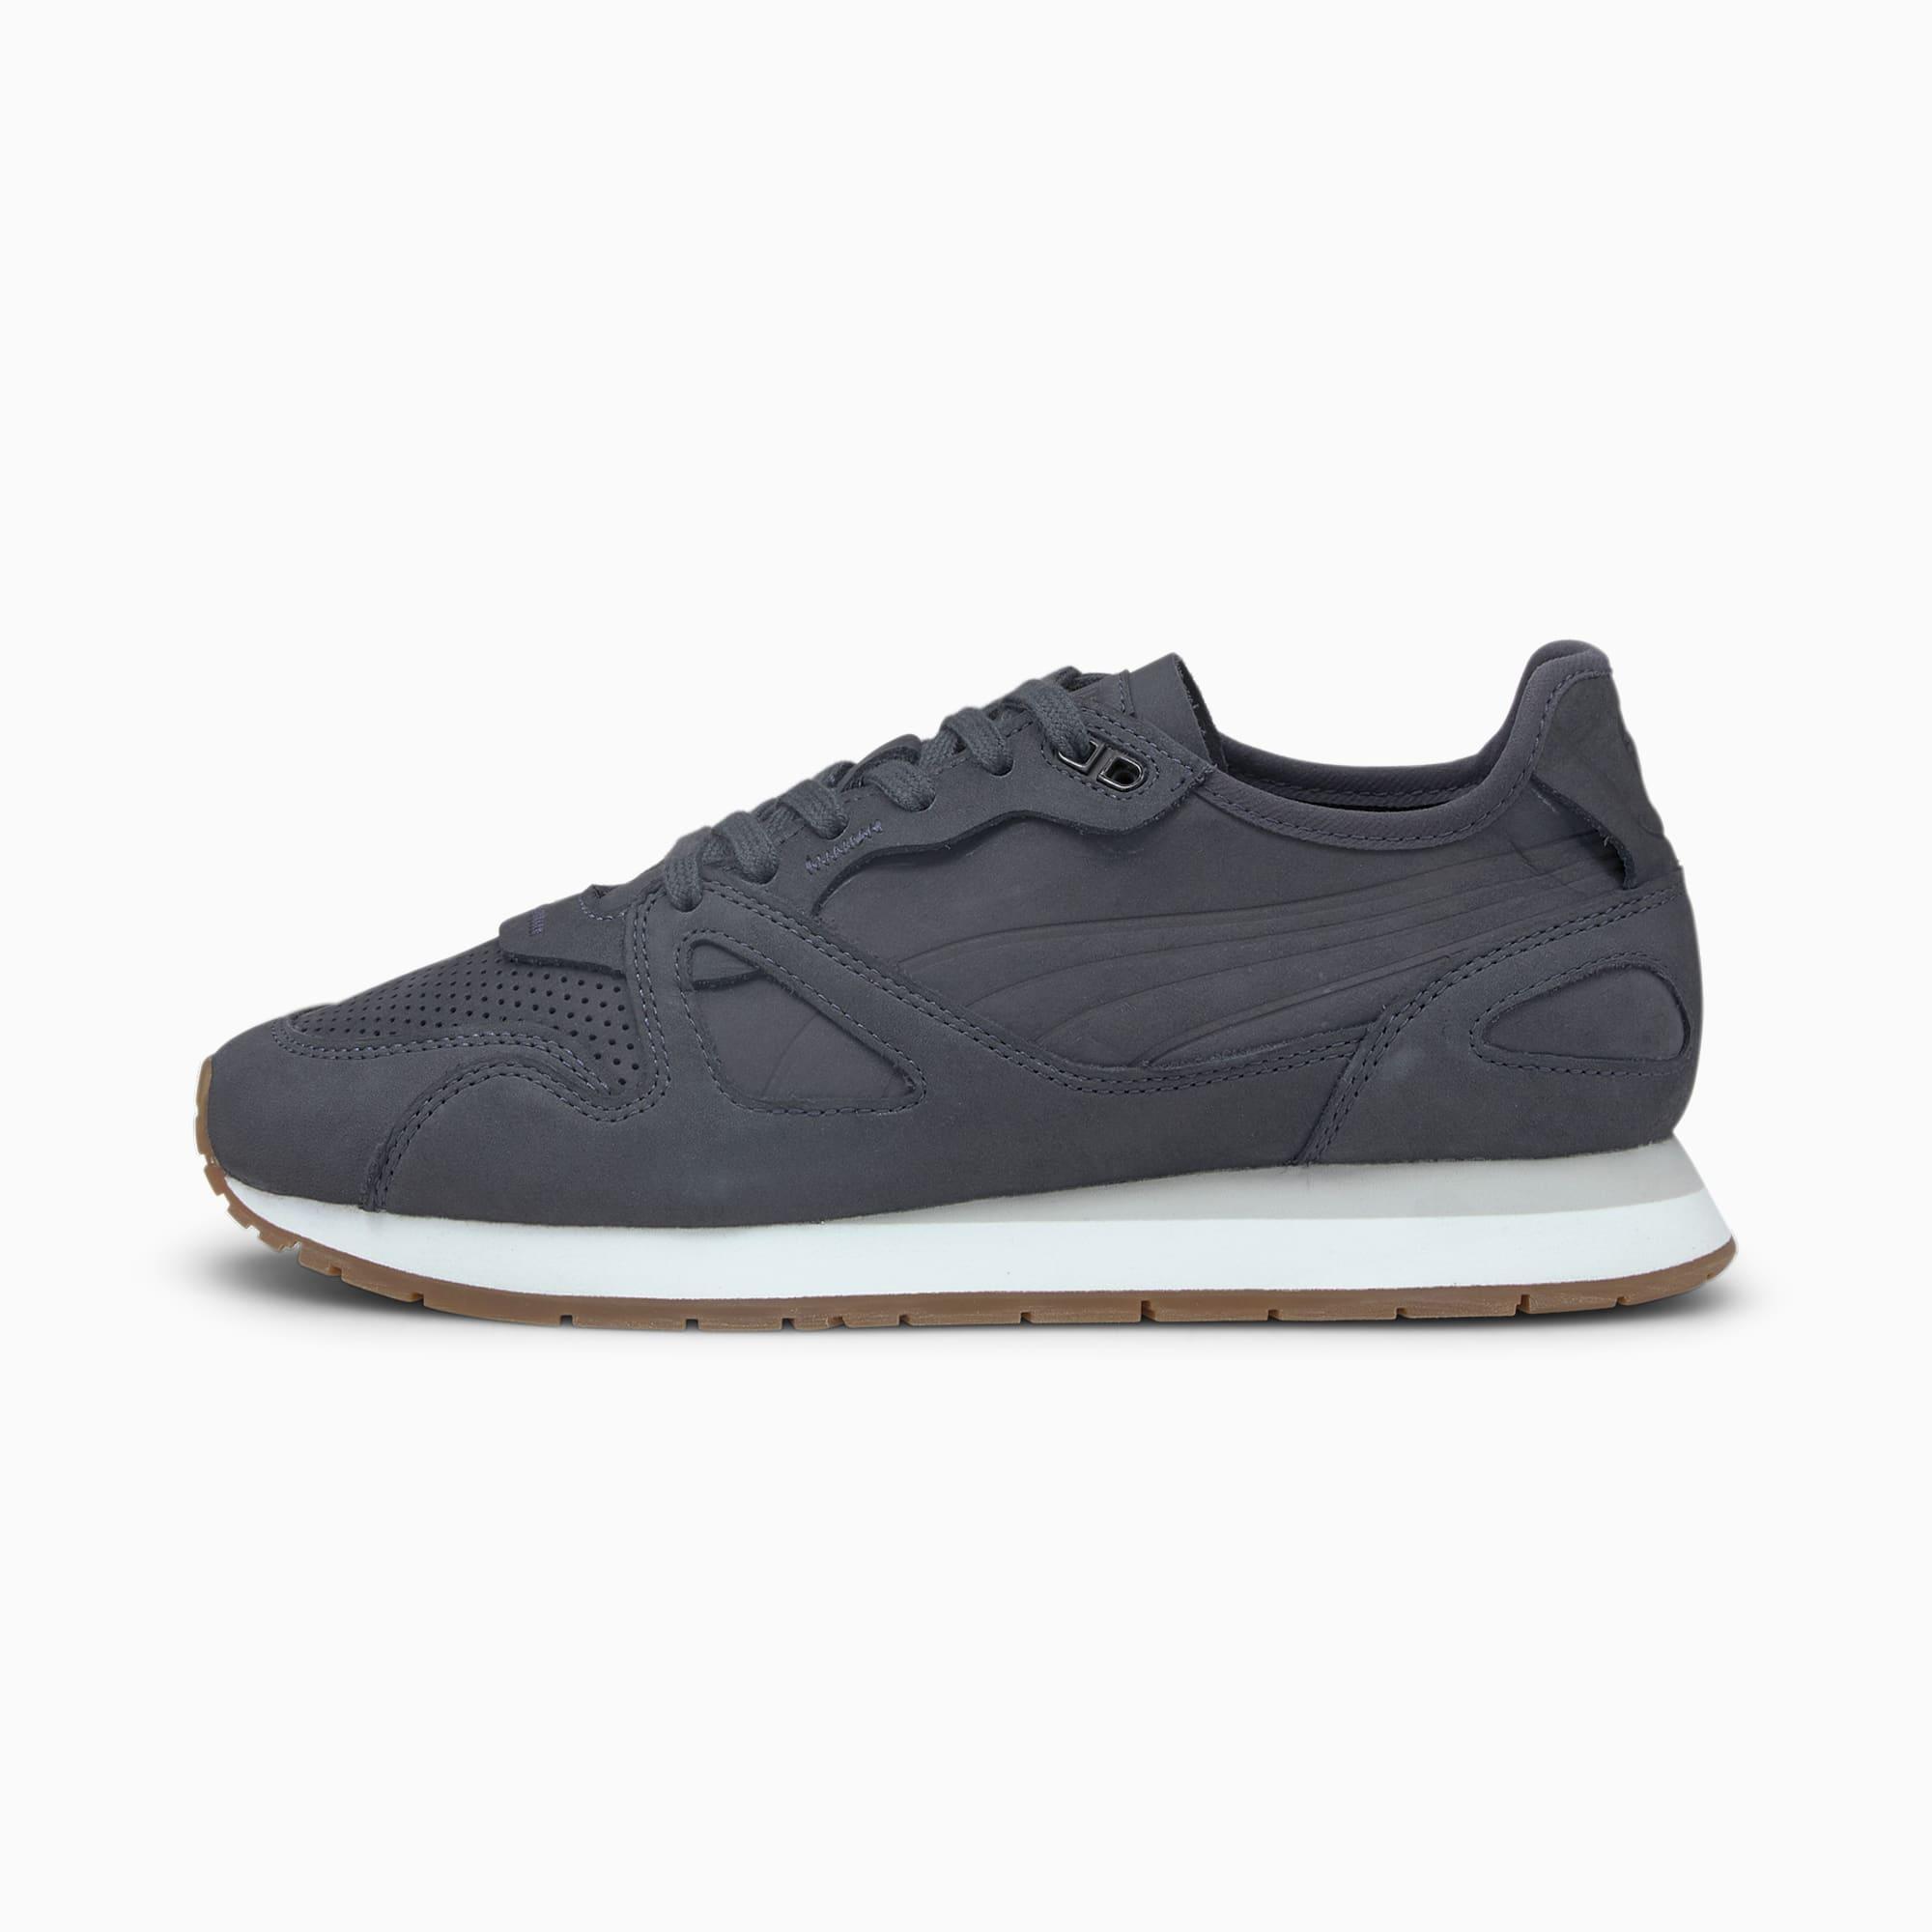 PUMA Mirage OG Sneaker Schuhe | Mit Aucun | Schwarz/Weiß | Größe: 35.5